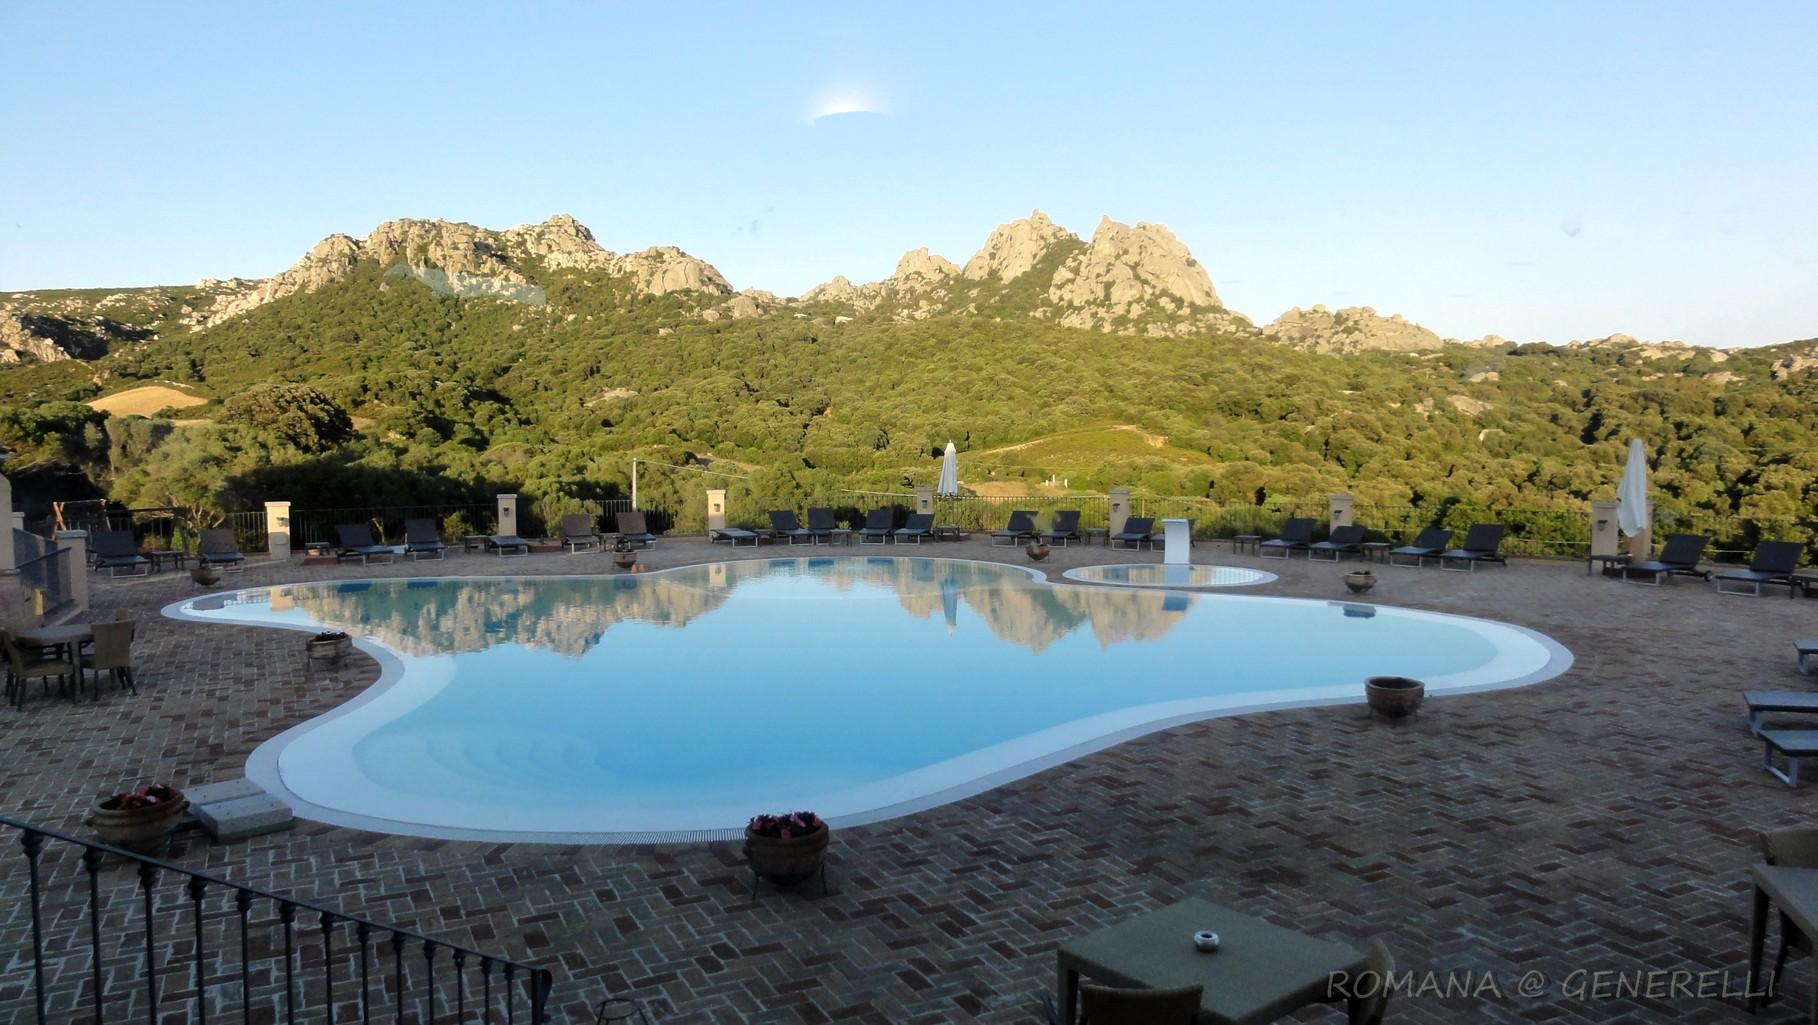 Hotel sulla collina Costa Smeralda